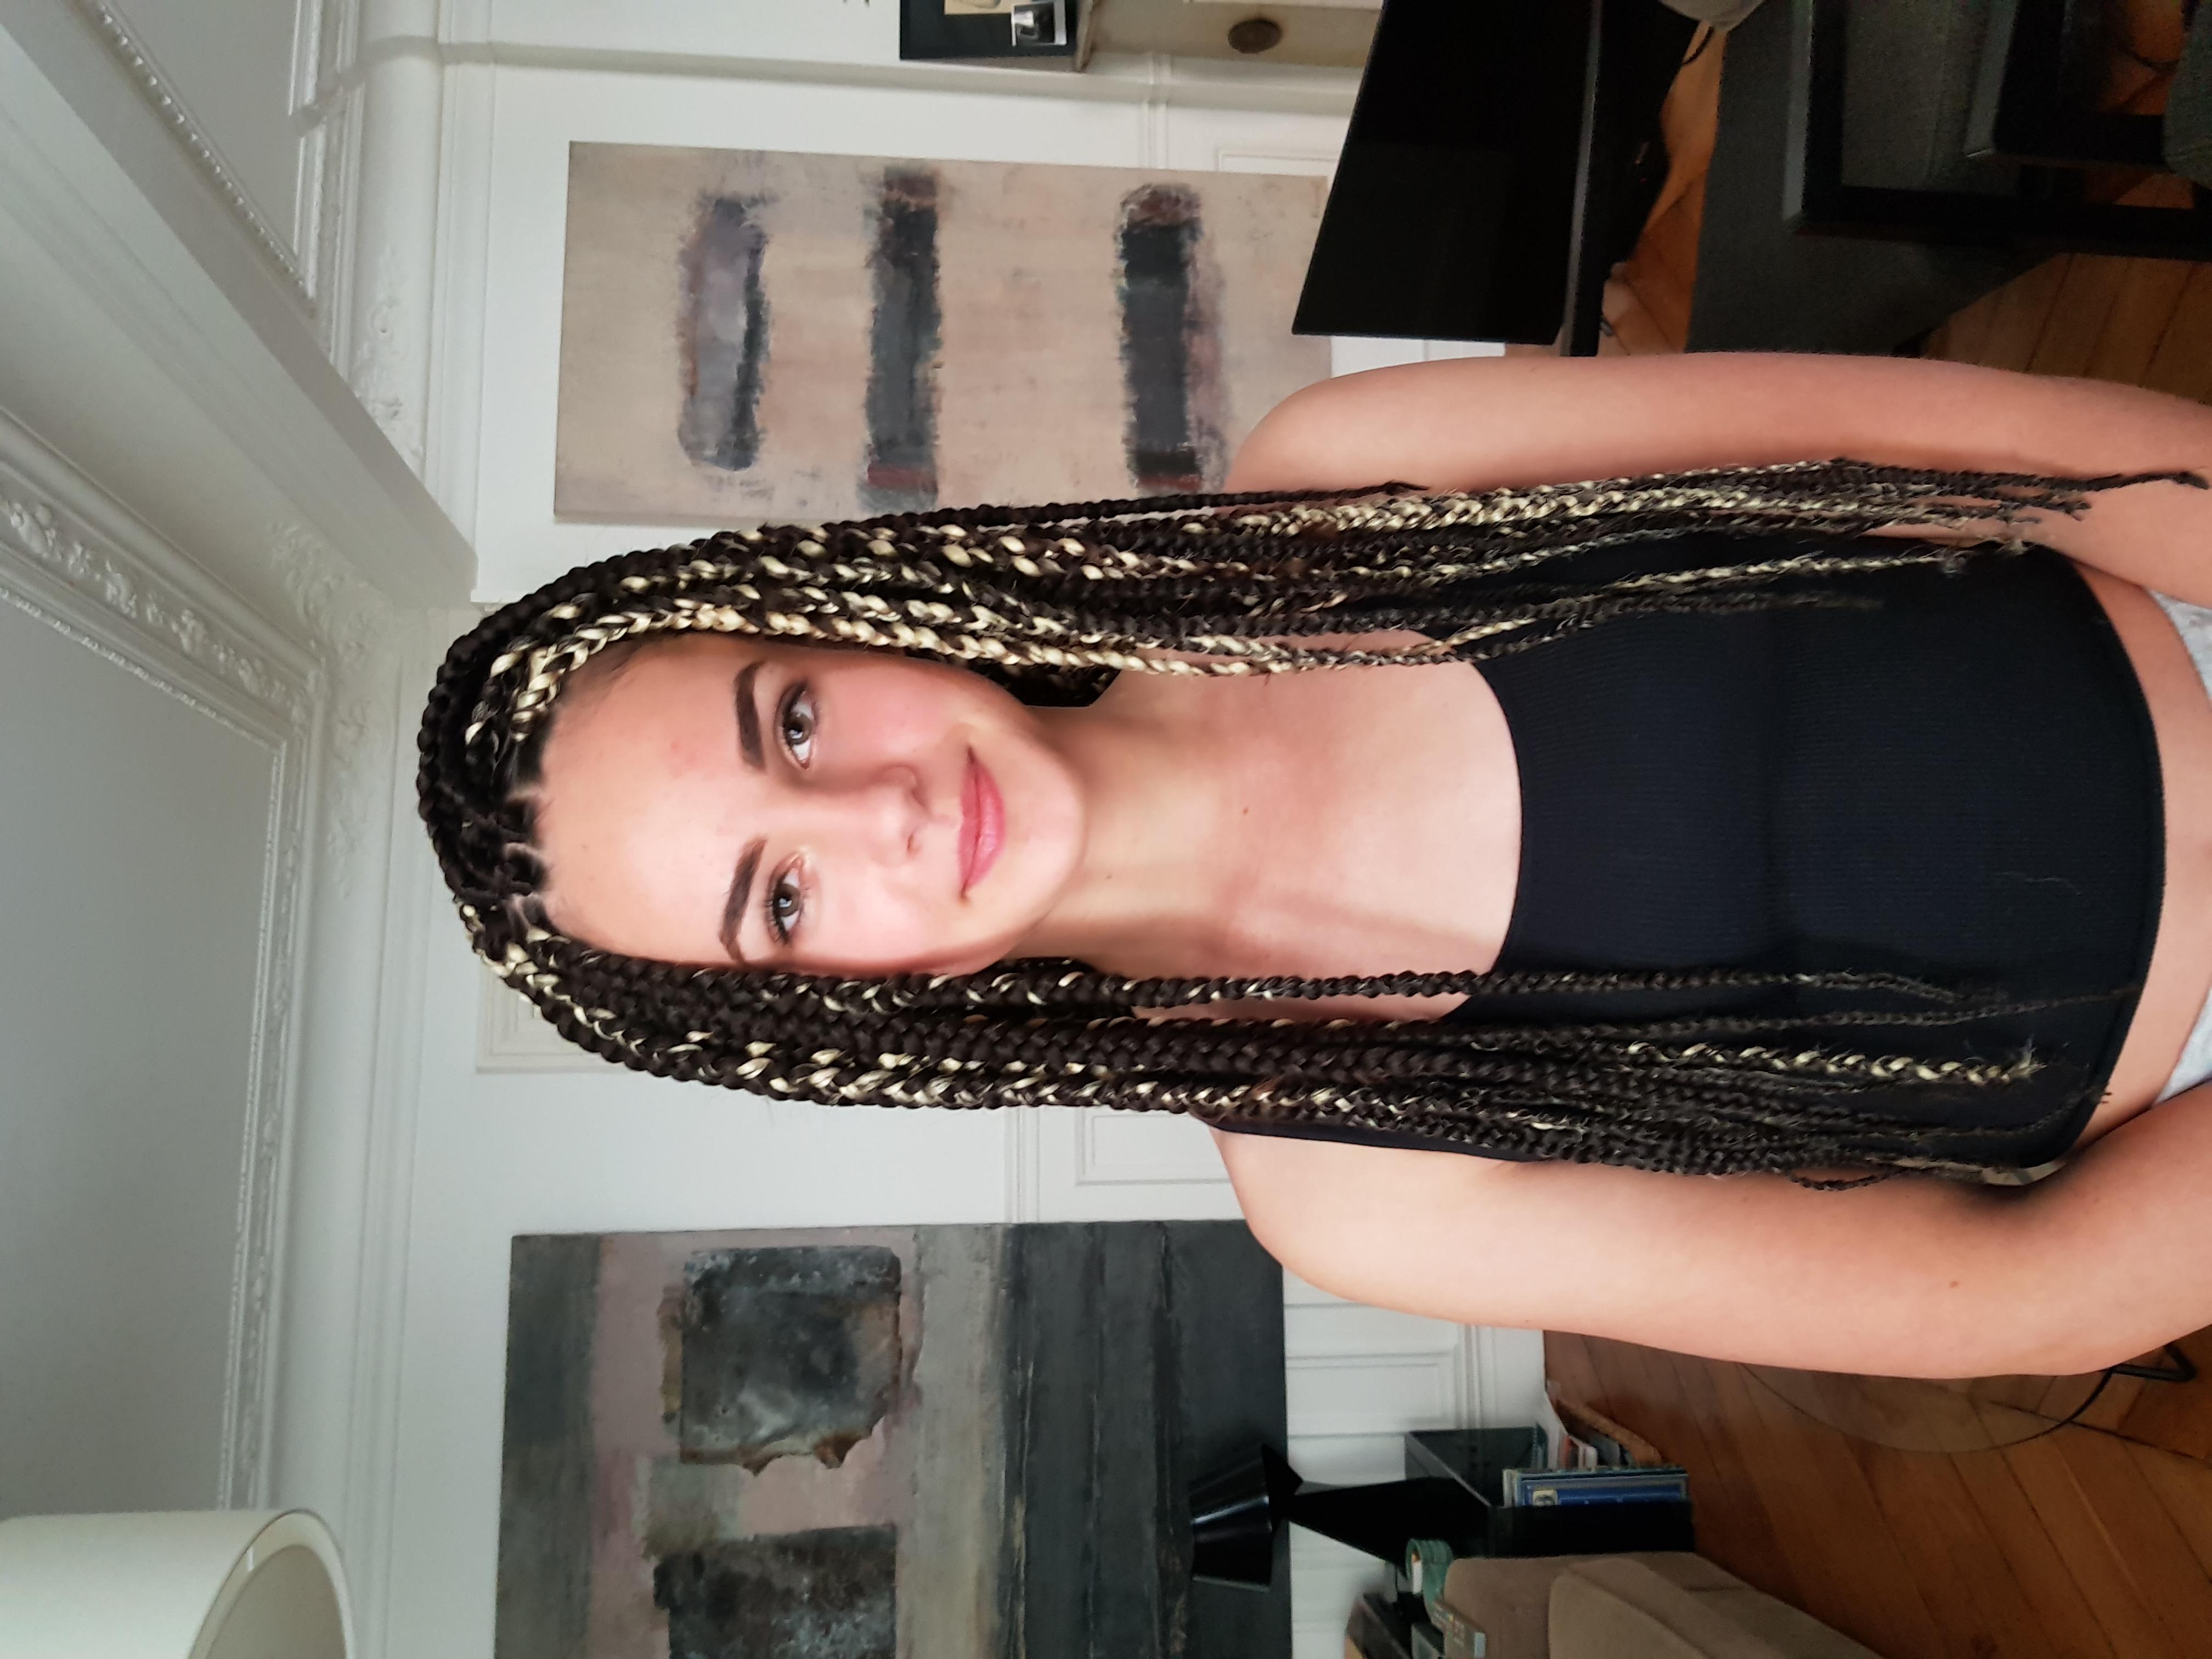 salon de coiffure afro tresse tresses box braids crochet braids vanilles tissages paris 75 77 78 91 92 93 94 95 ZFPLZBCX